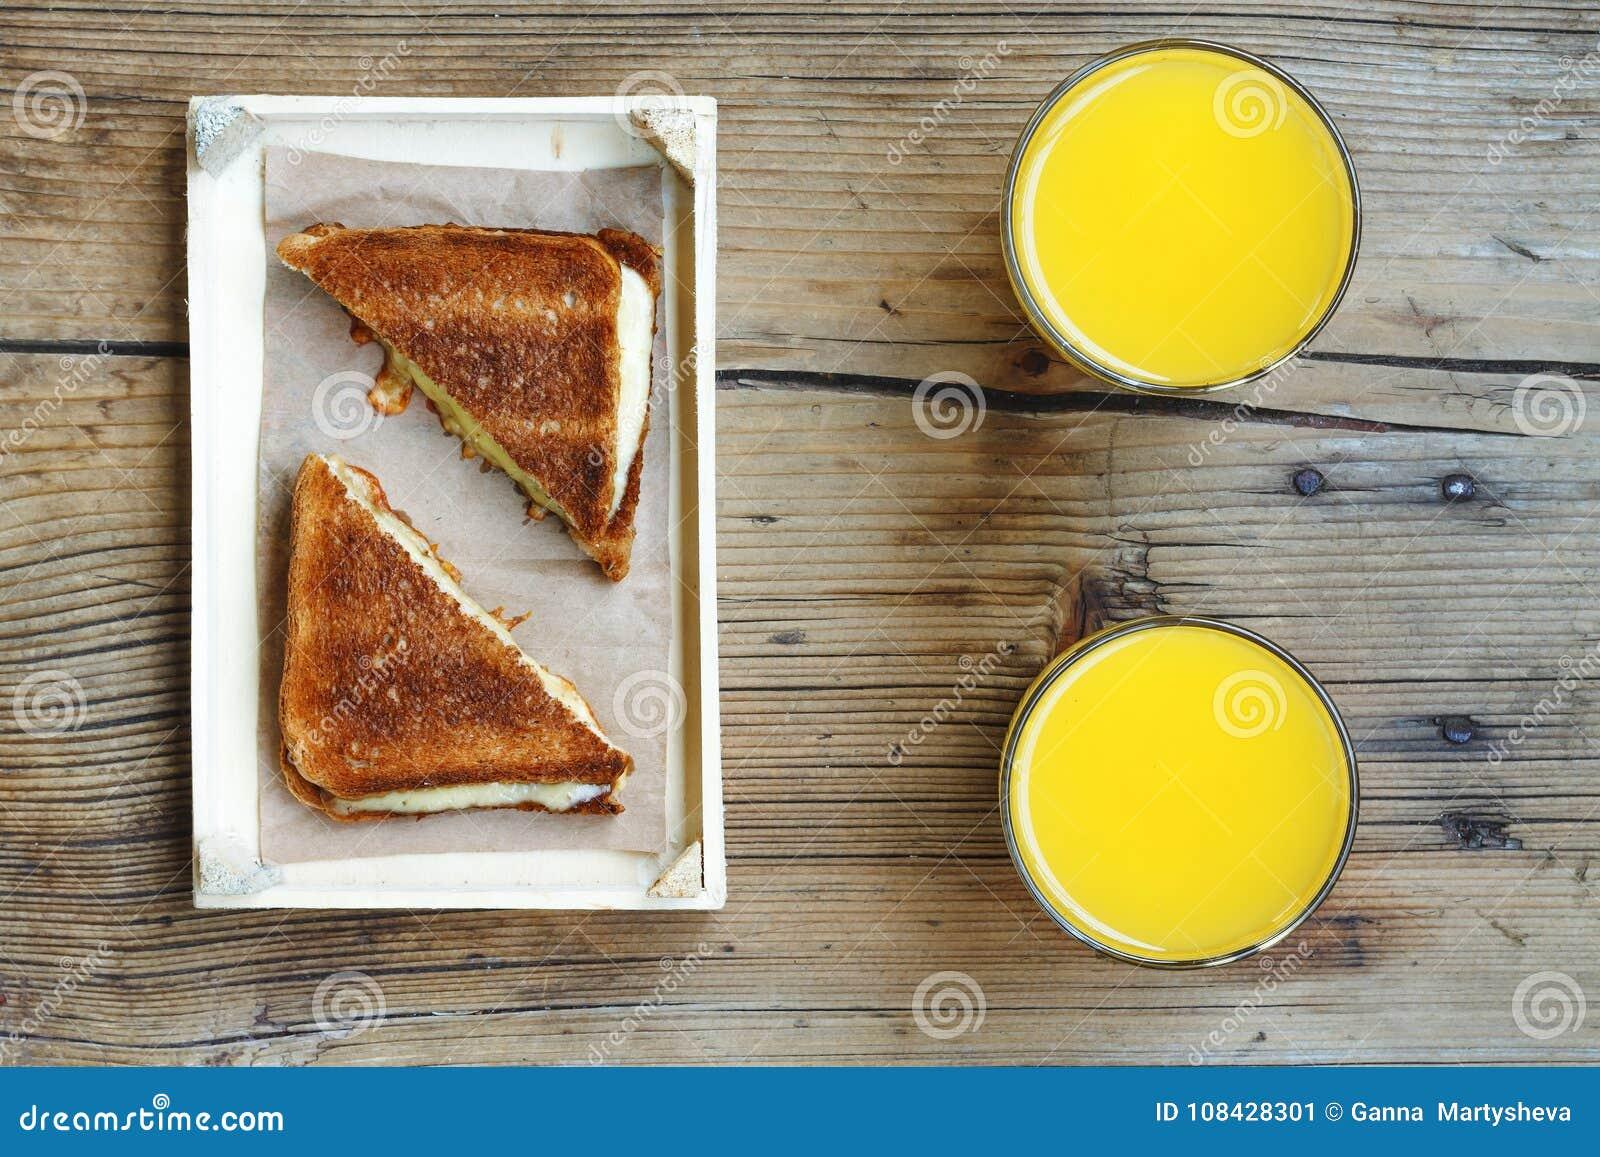 Sandwiche mit Käse und Orangensaft Gesunde Nahrung Frühstückssnack